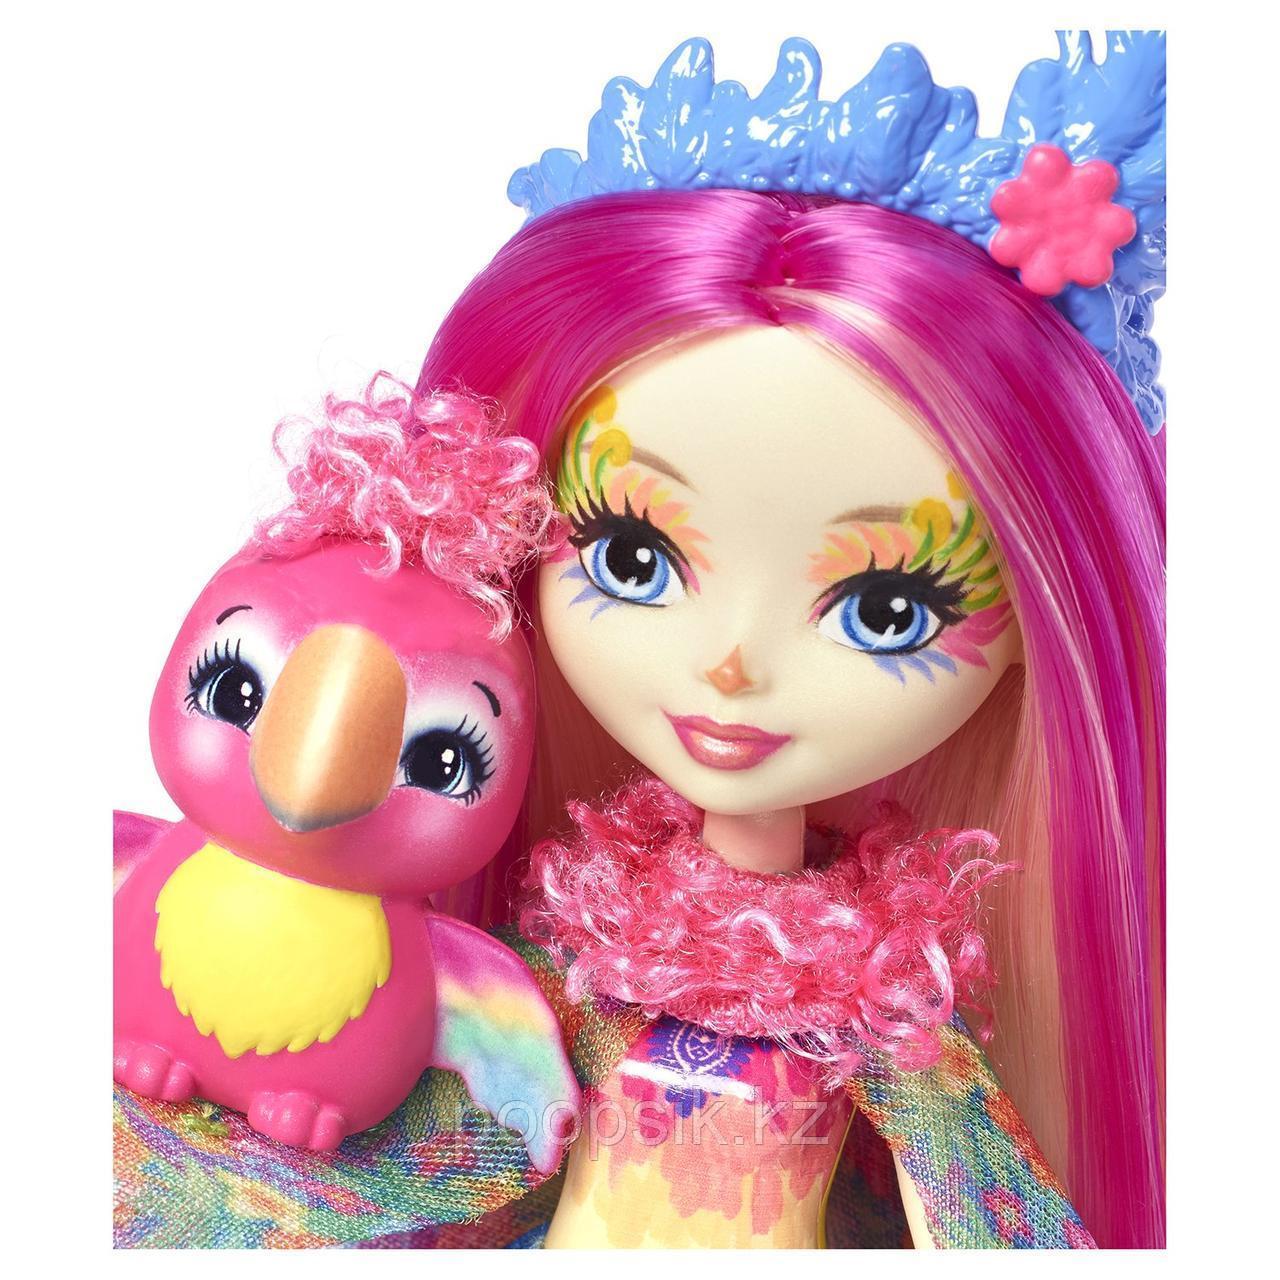 Enchantimals Пикки Какаду с питомцем 15 см, Mattel FJJ21 - фото 2